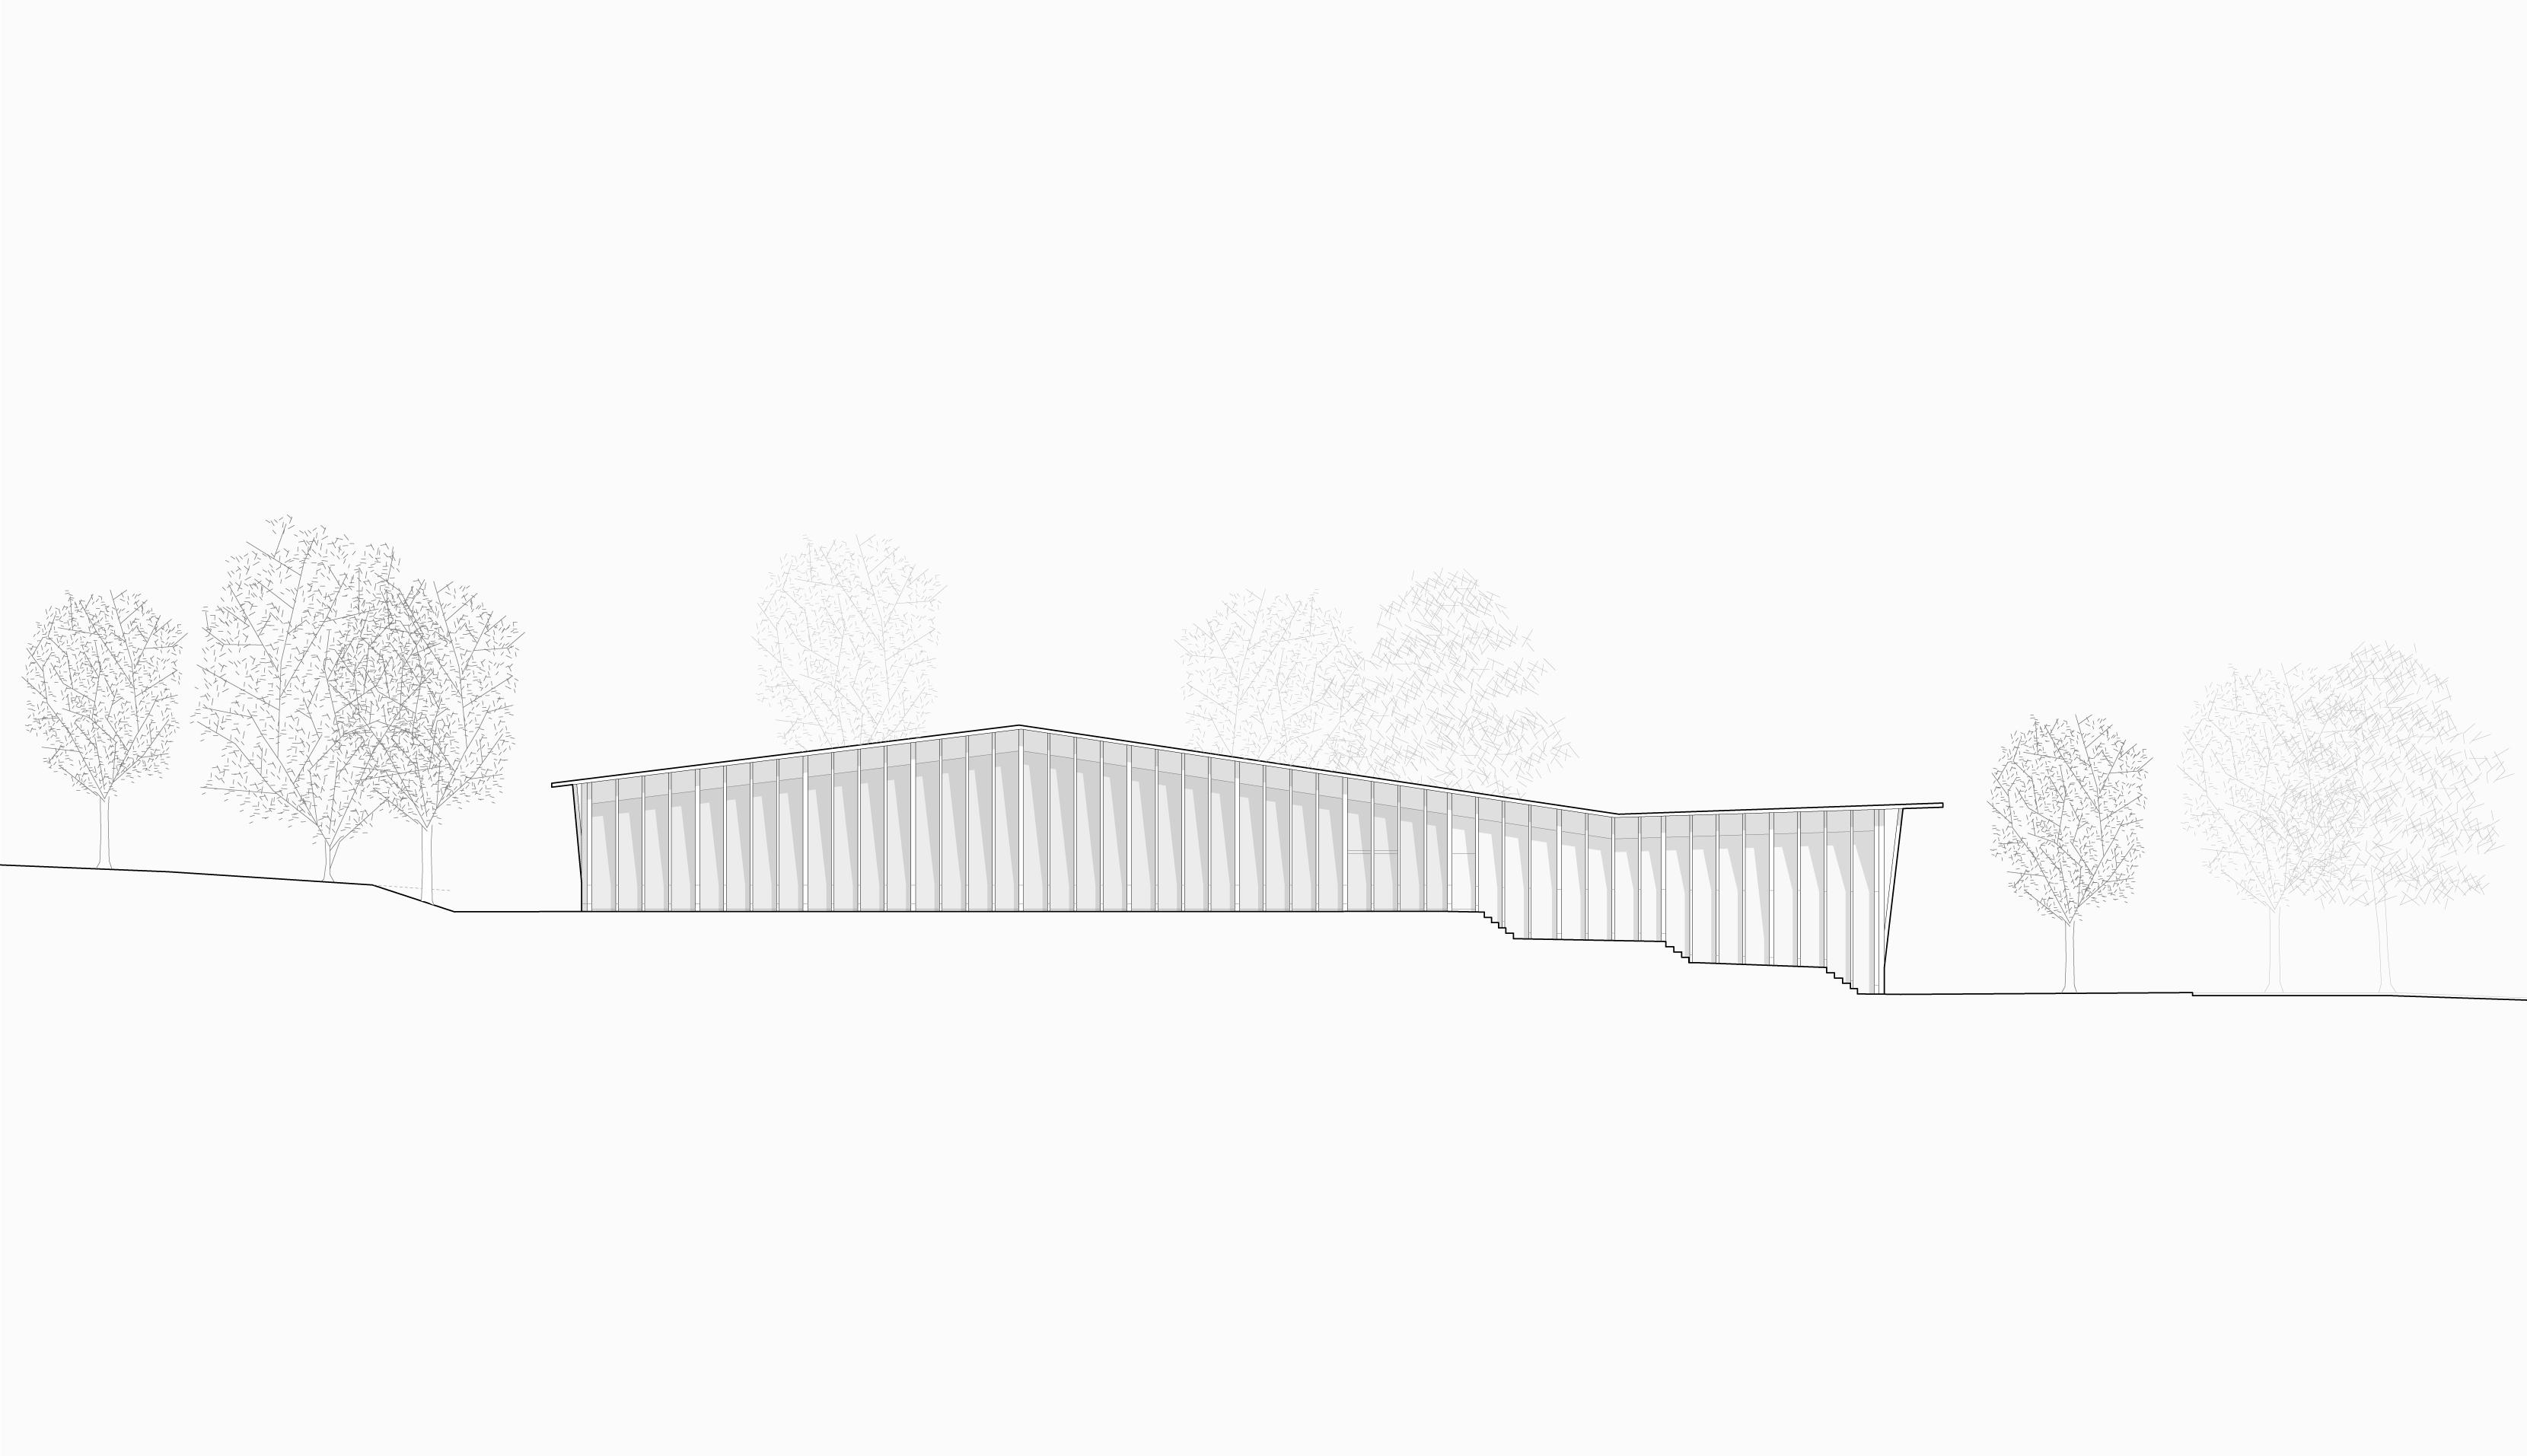 STUDIO CORNEL STAEHELI  Dreifachsporthalle mit Feuerwehrstützpunkt und Zivilschutzanlage Beromünster Ansicht Ost